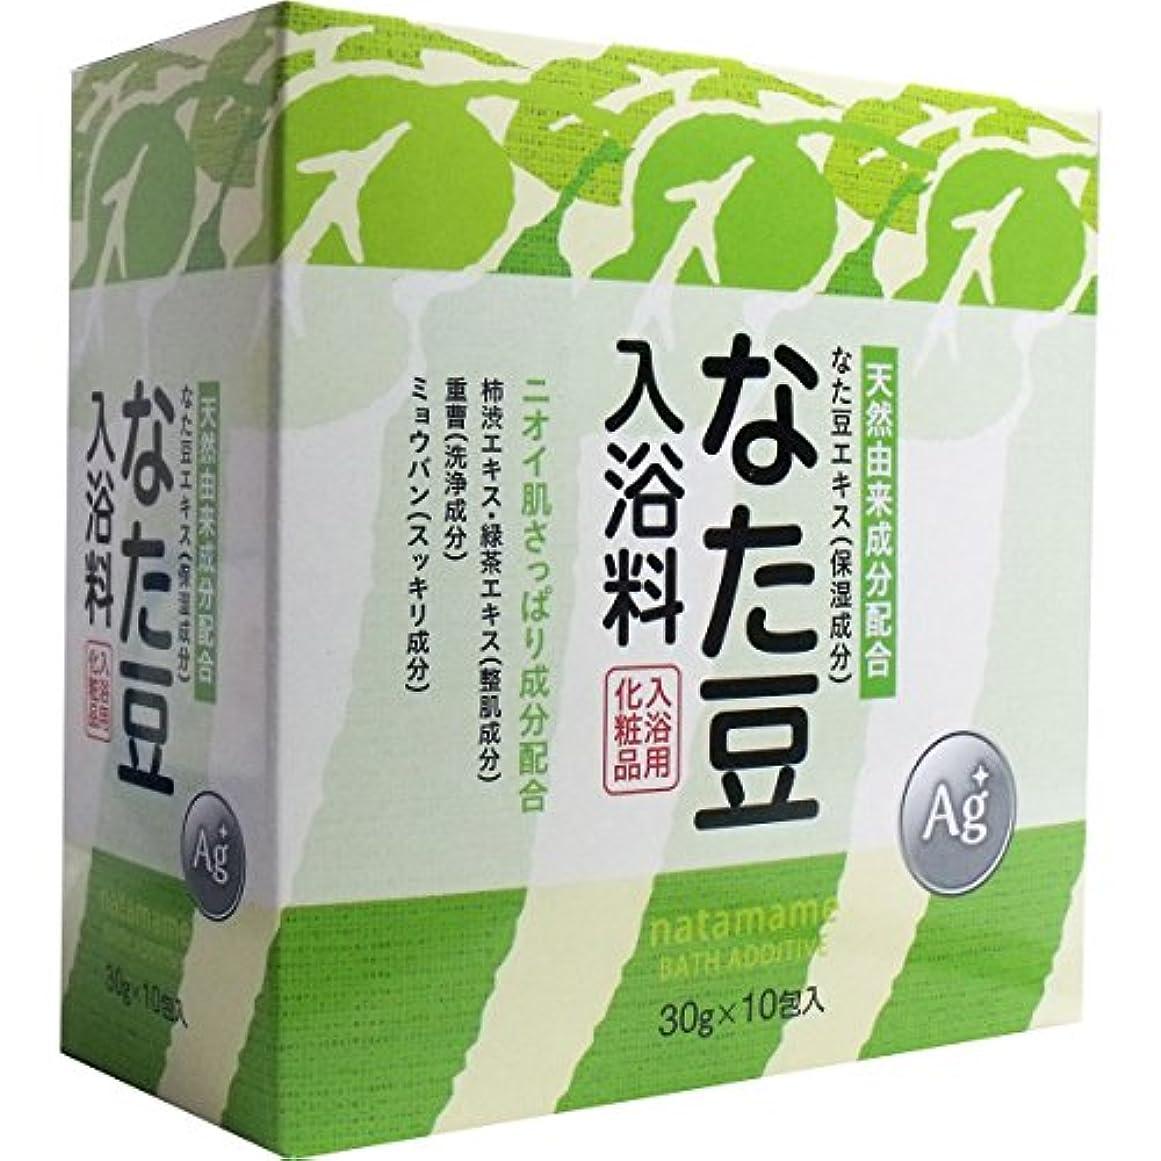 カフェ厚さ資料なた豆入浴料 入浴用化粧品 30g×10包入×6